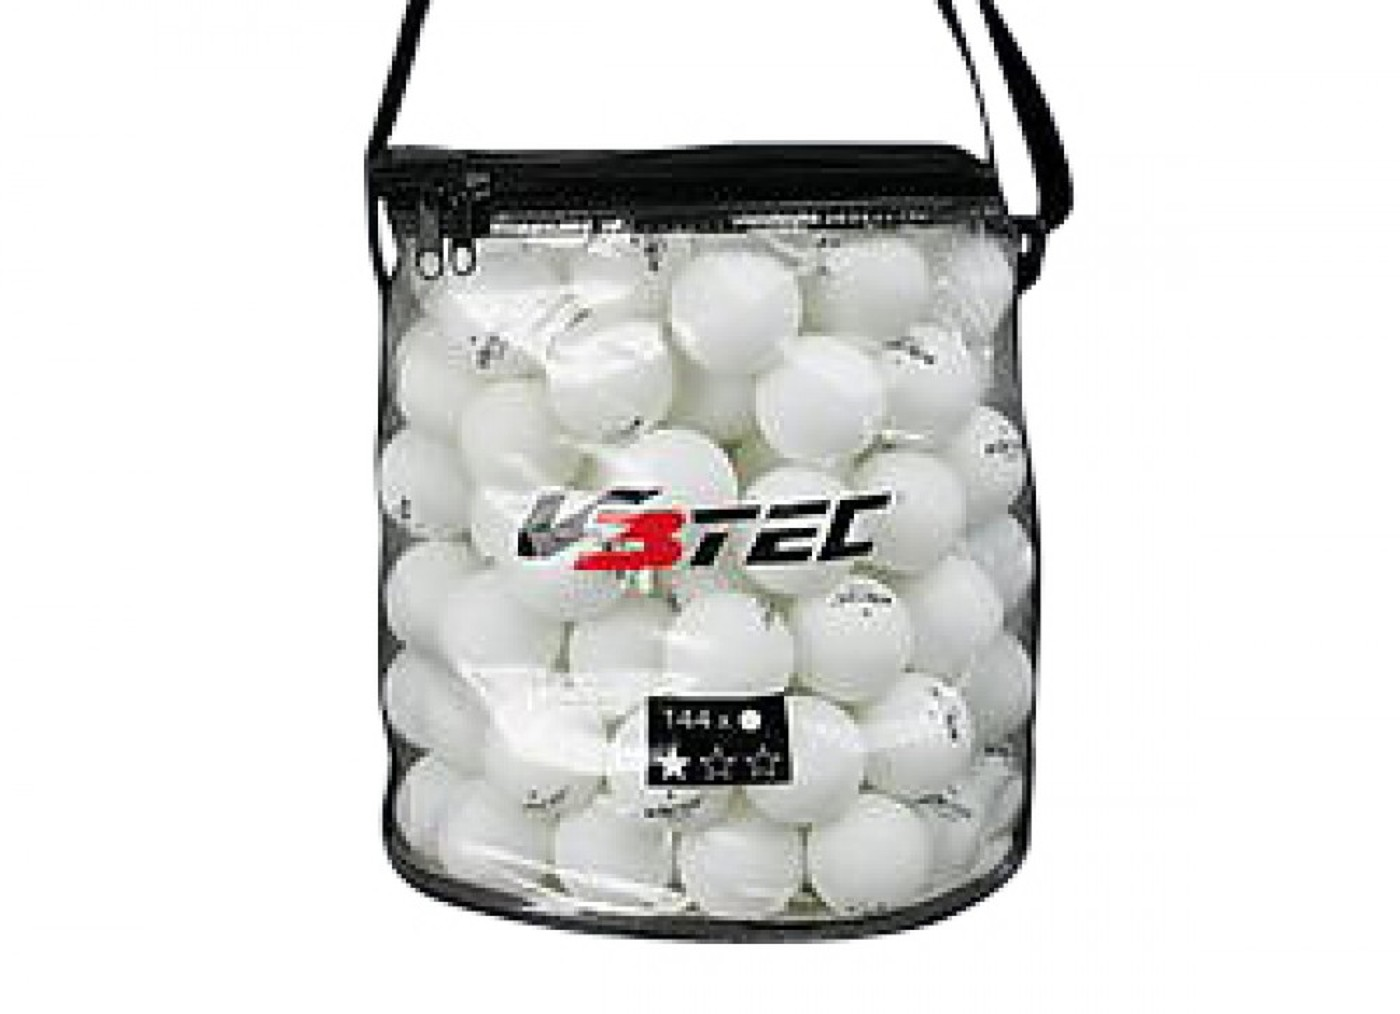 V3TEC BALL CONTAINER 144 PCS